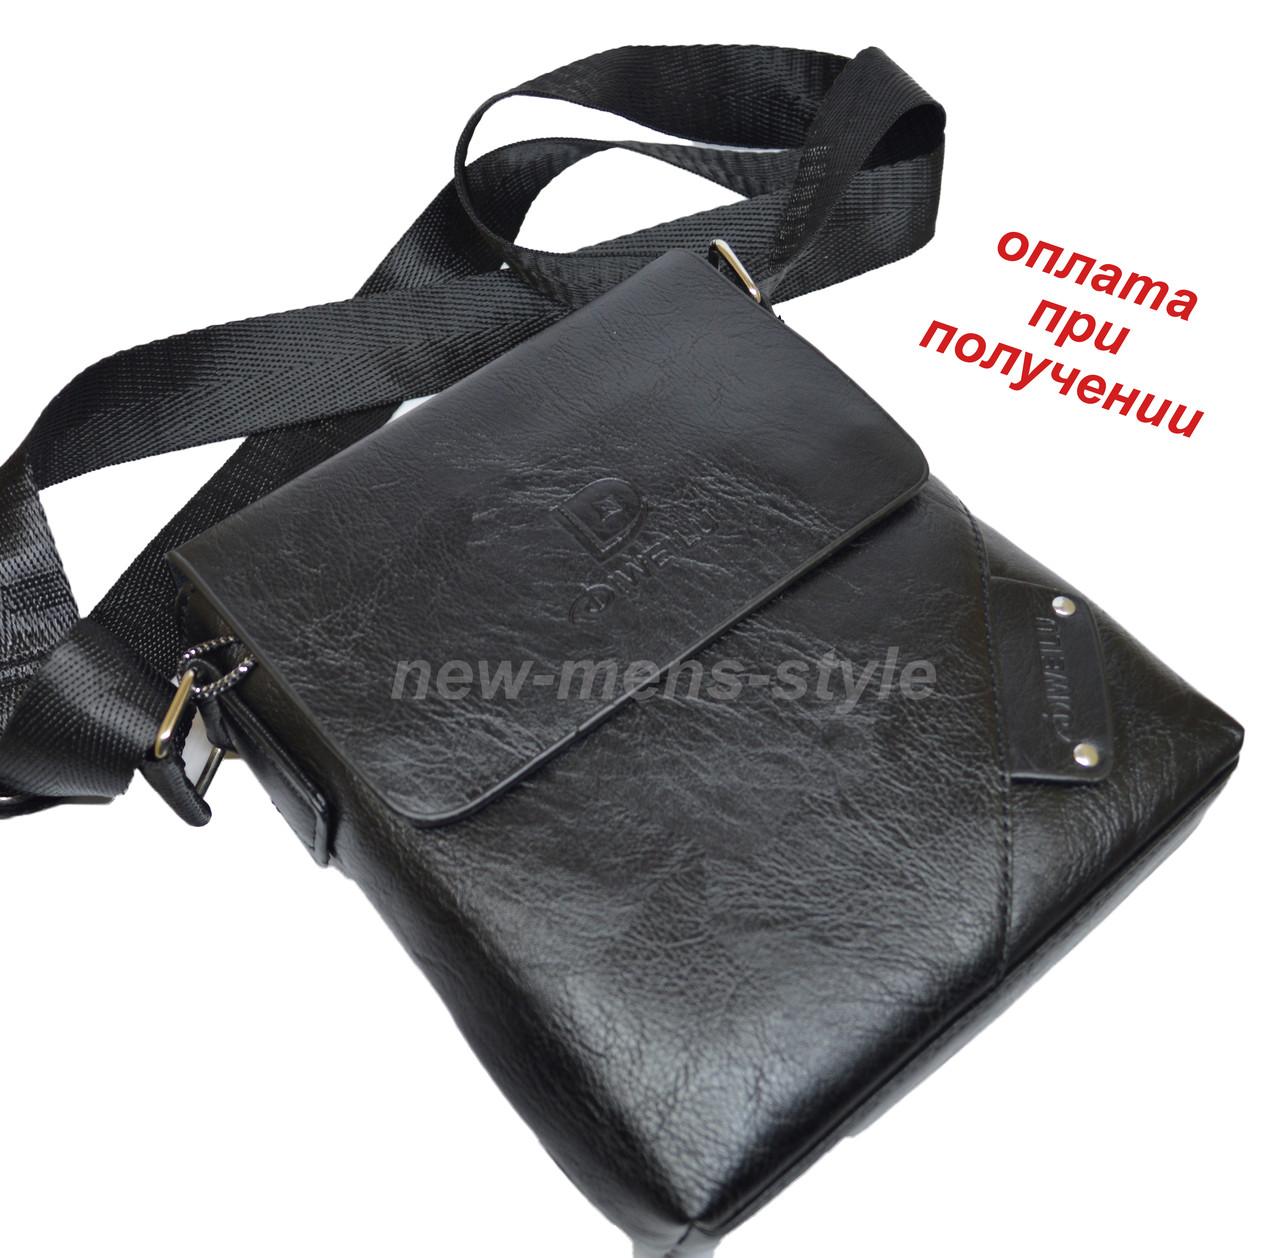 72ccf5d487f6 Мужская чоловіча кожаная натуральная сумка барсетка через плечо DIWEILU